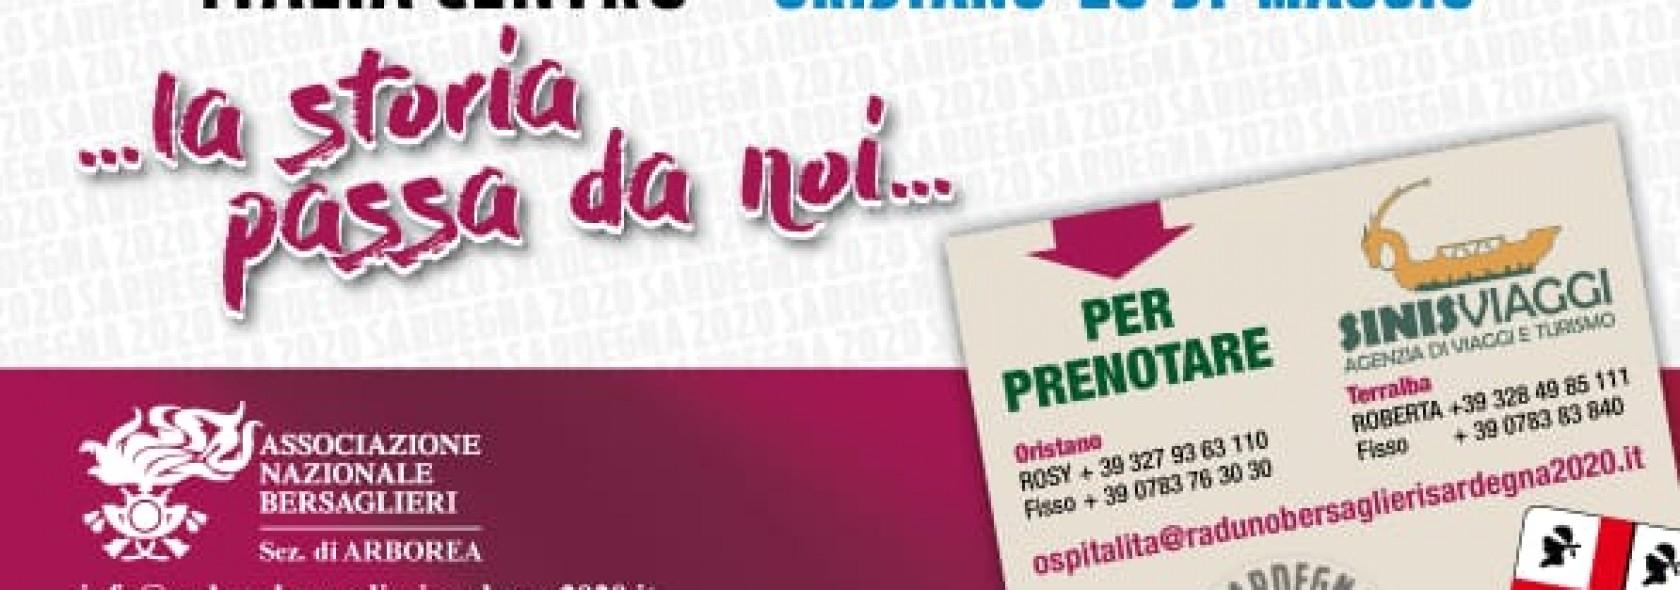 Raduno Bersaglieri Sardegna - Oristano 2020